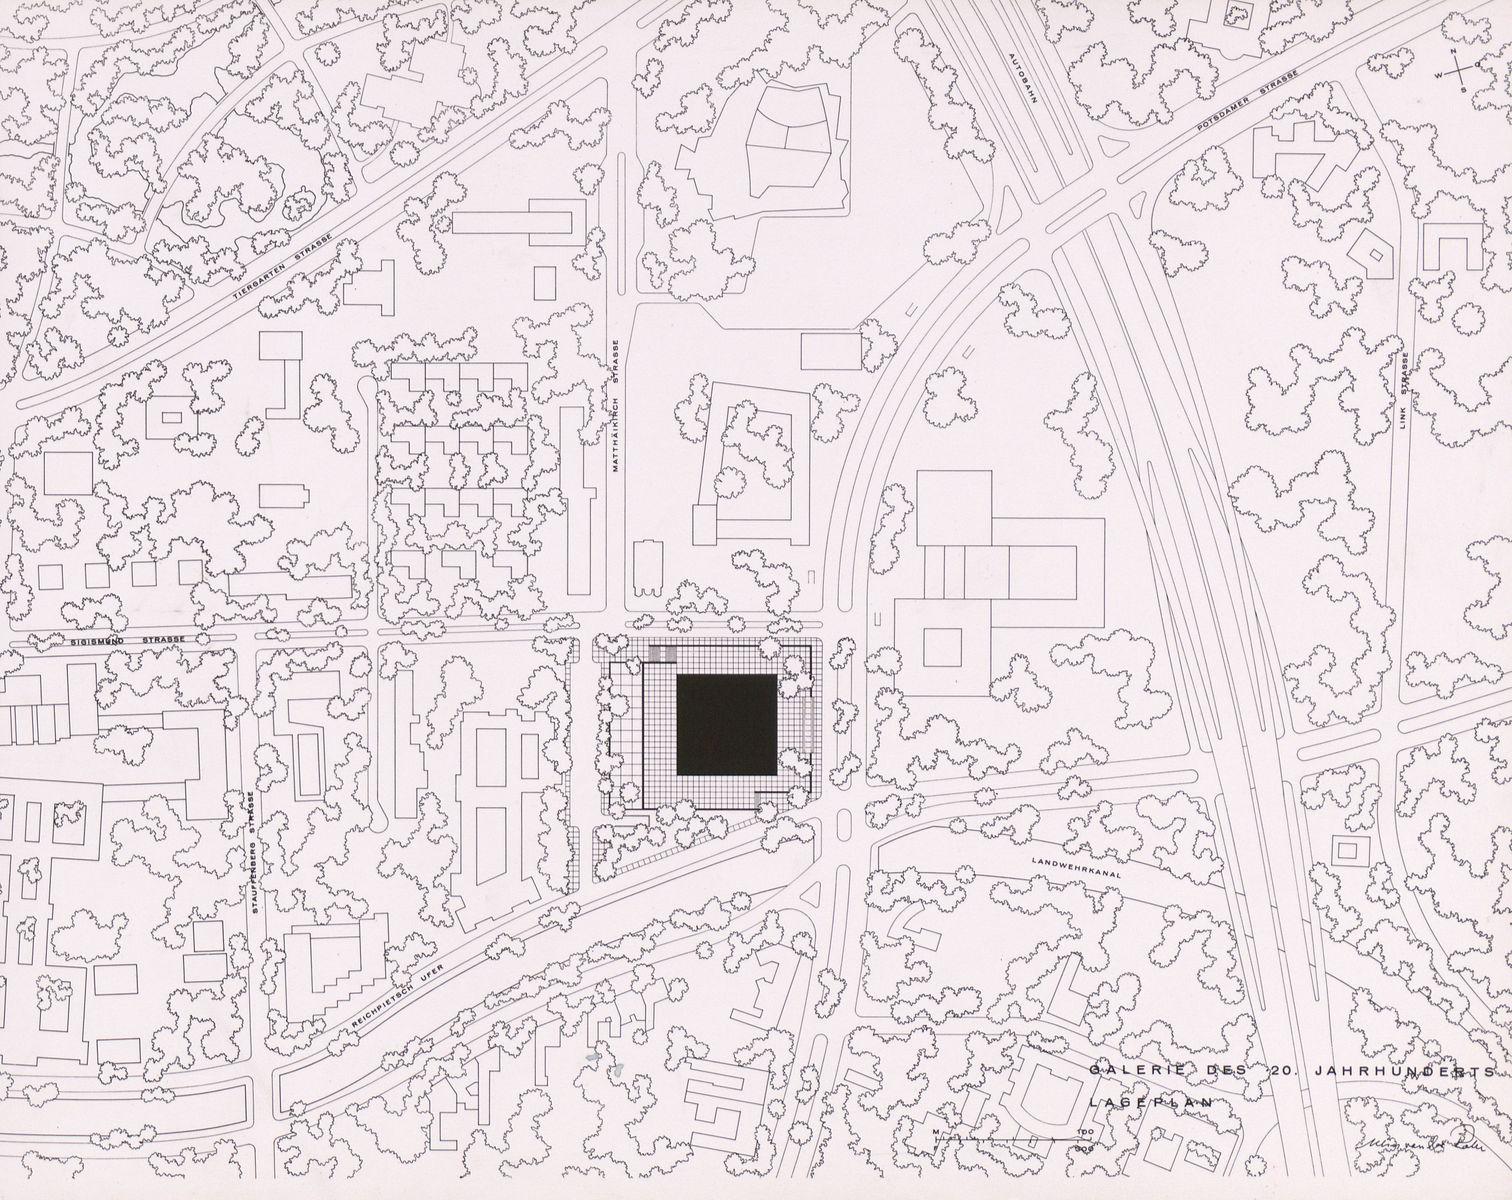 Ludwig Mies van der Rohe: Präsentationsmappe für den Bau der Neuen Nationalgalerie, Lageplan. (c) bpk / Kunstbibliothek, SMB / Dietmar Katz